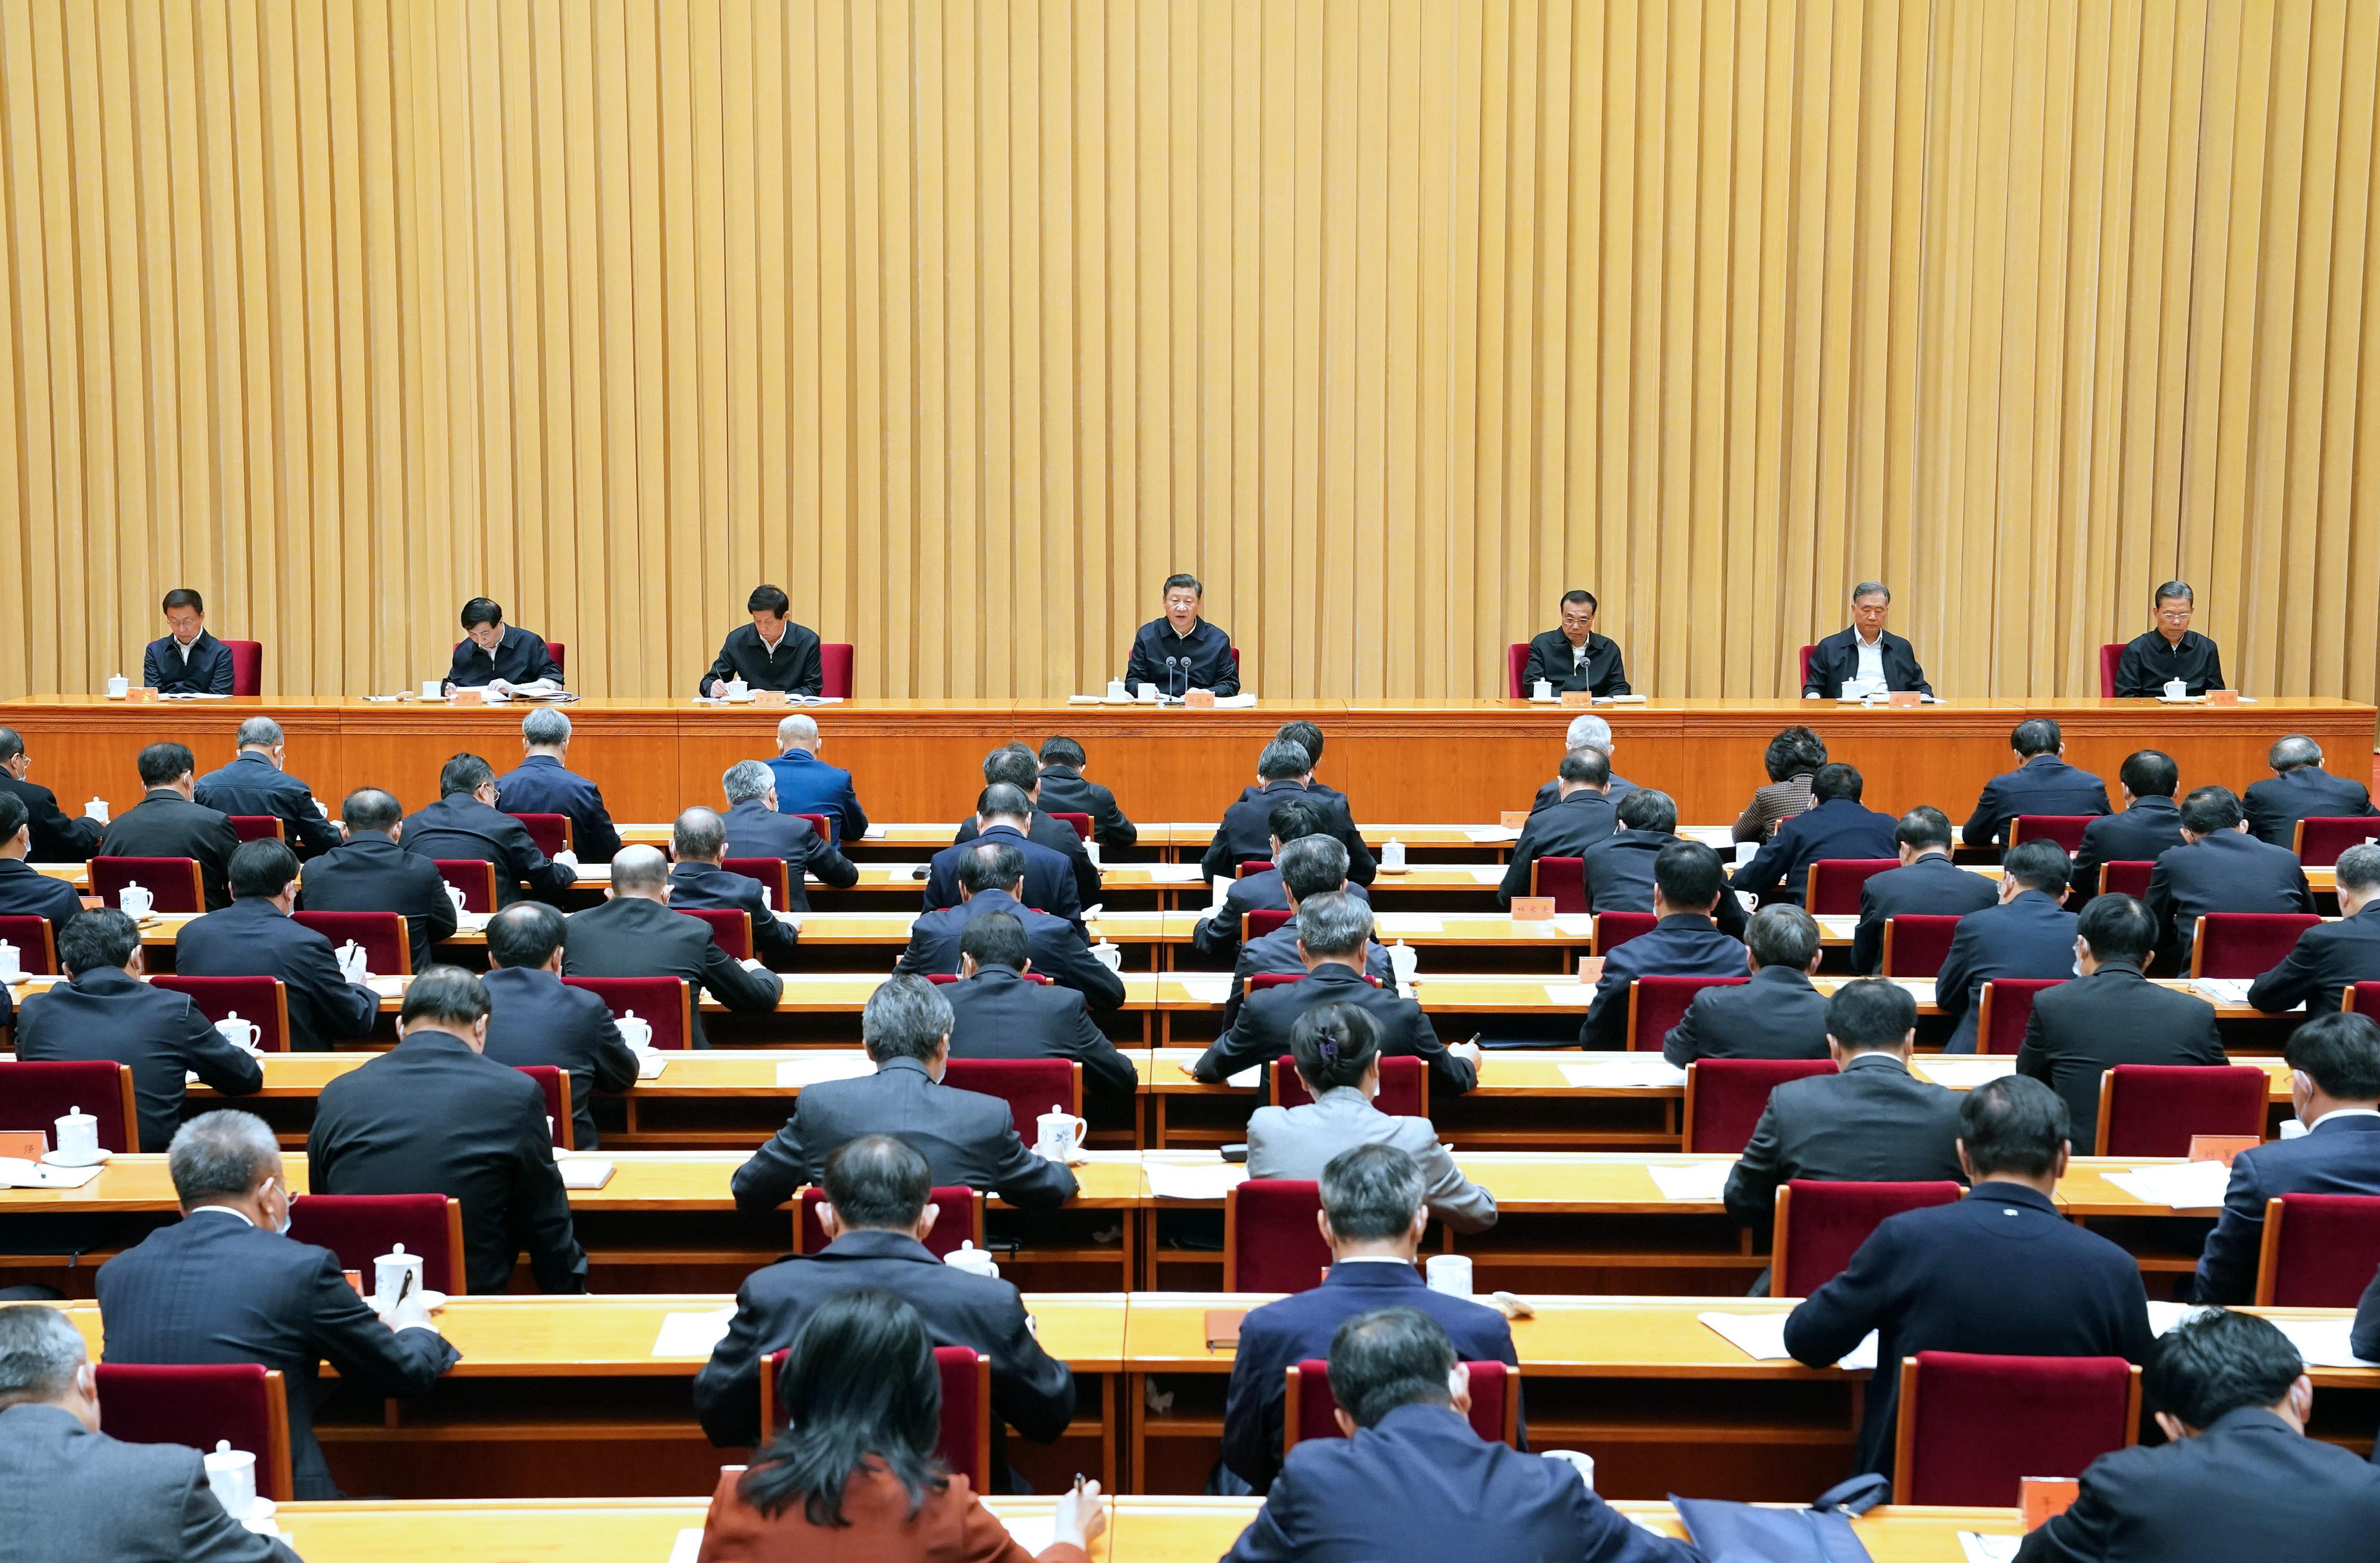 11月16日至17日,中央全面依法治国工作会议在北京召开。中共中央总书记、国家主席、中央军委主席习近平出席会议并发表重要讲话。